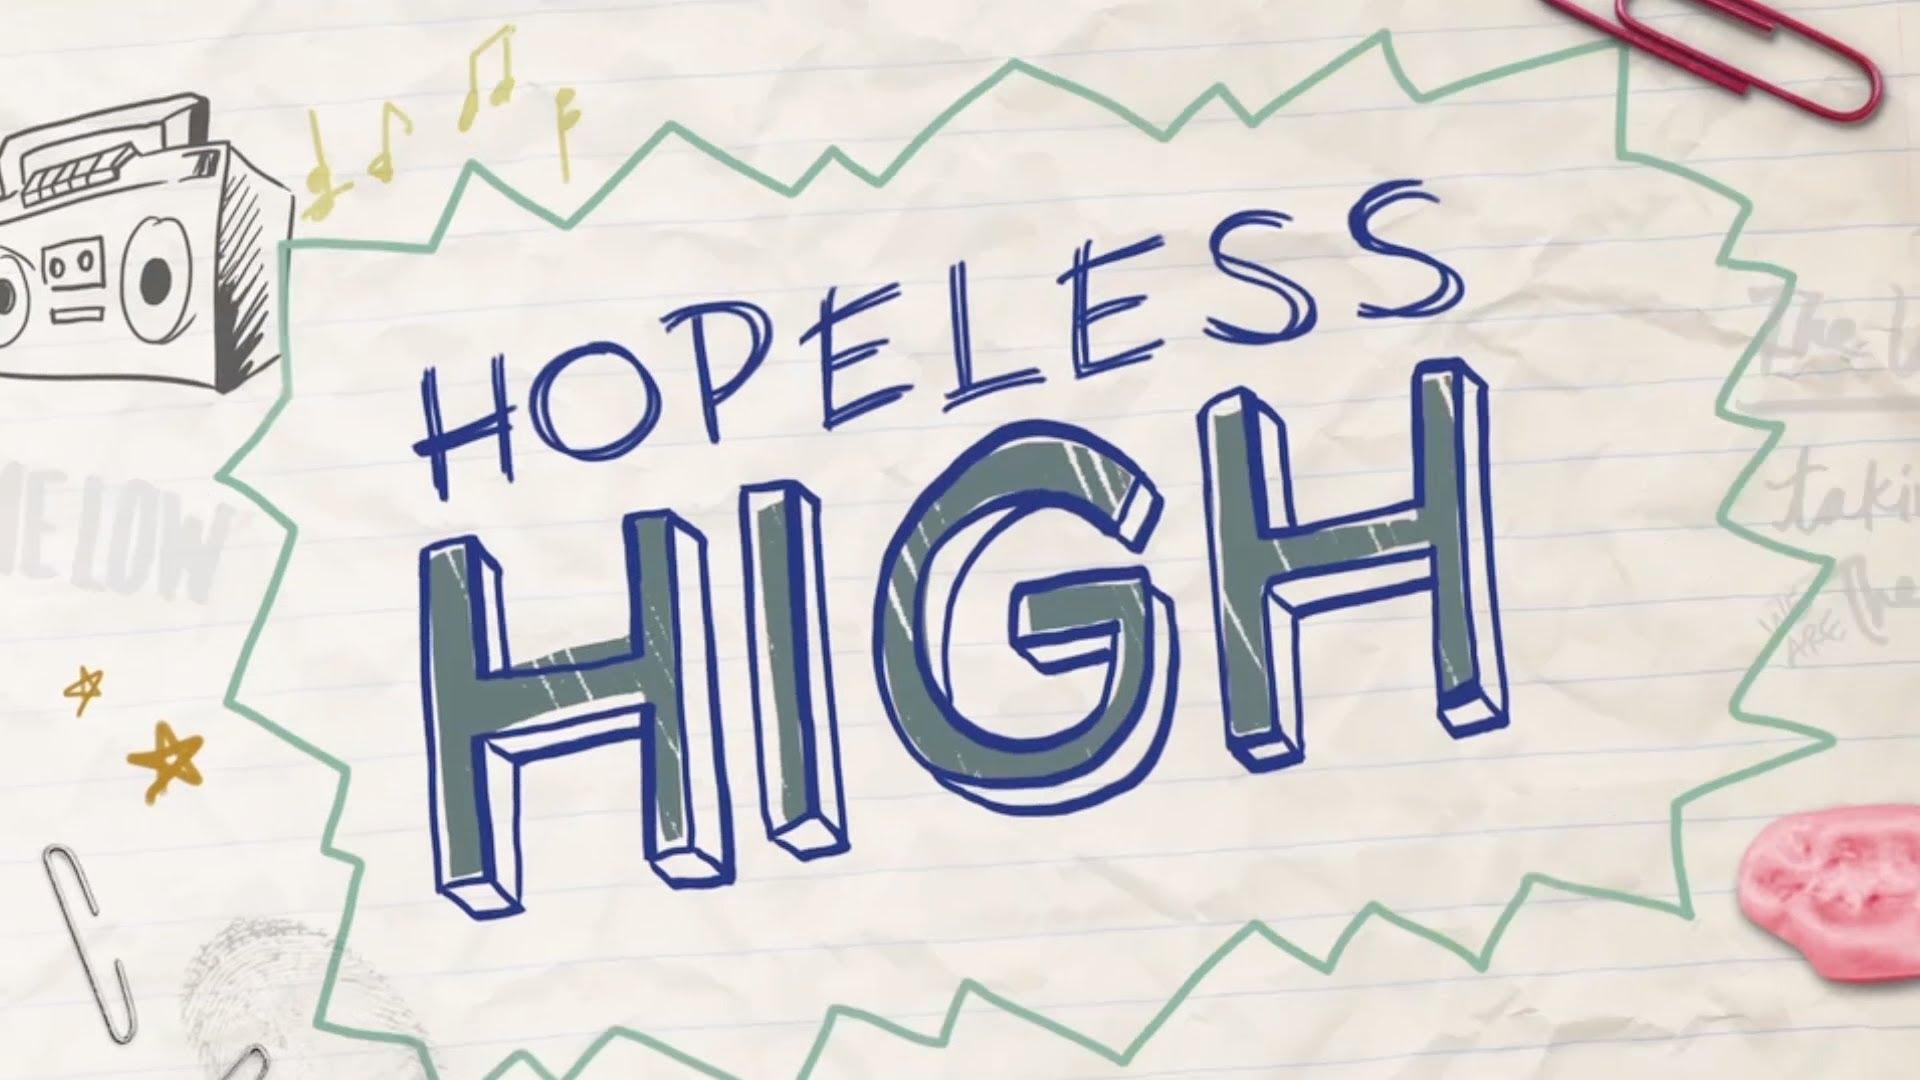 Hopeless High - Episode 3 Beanies